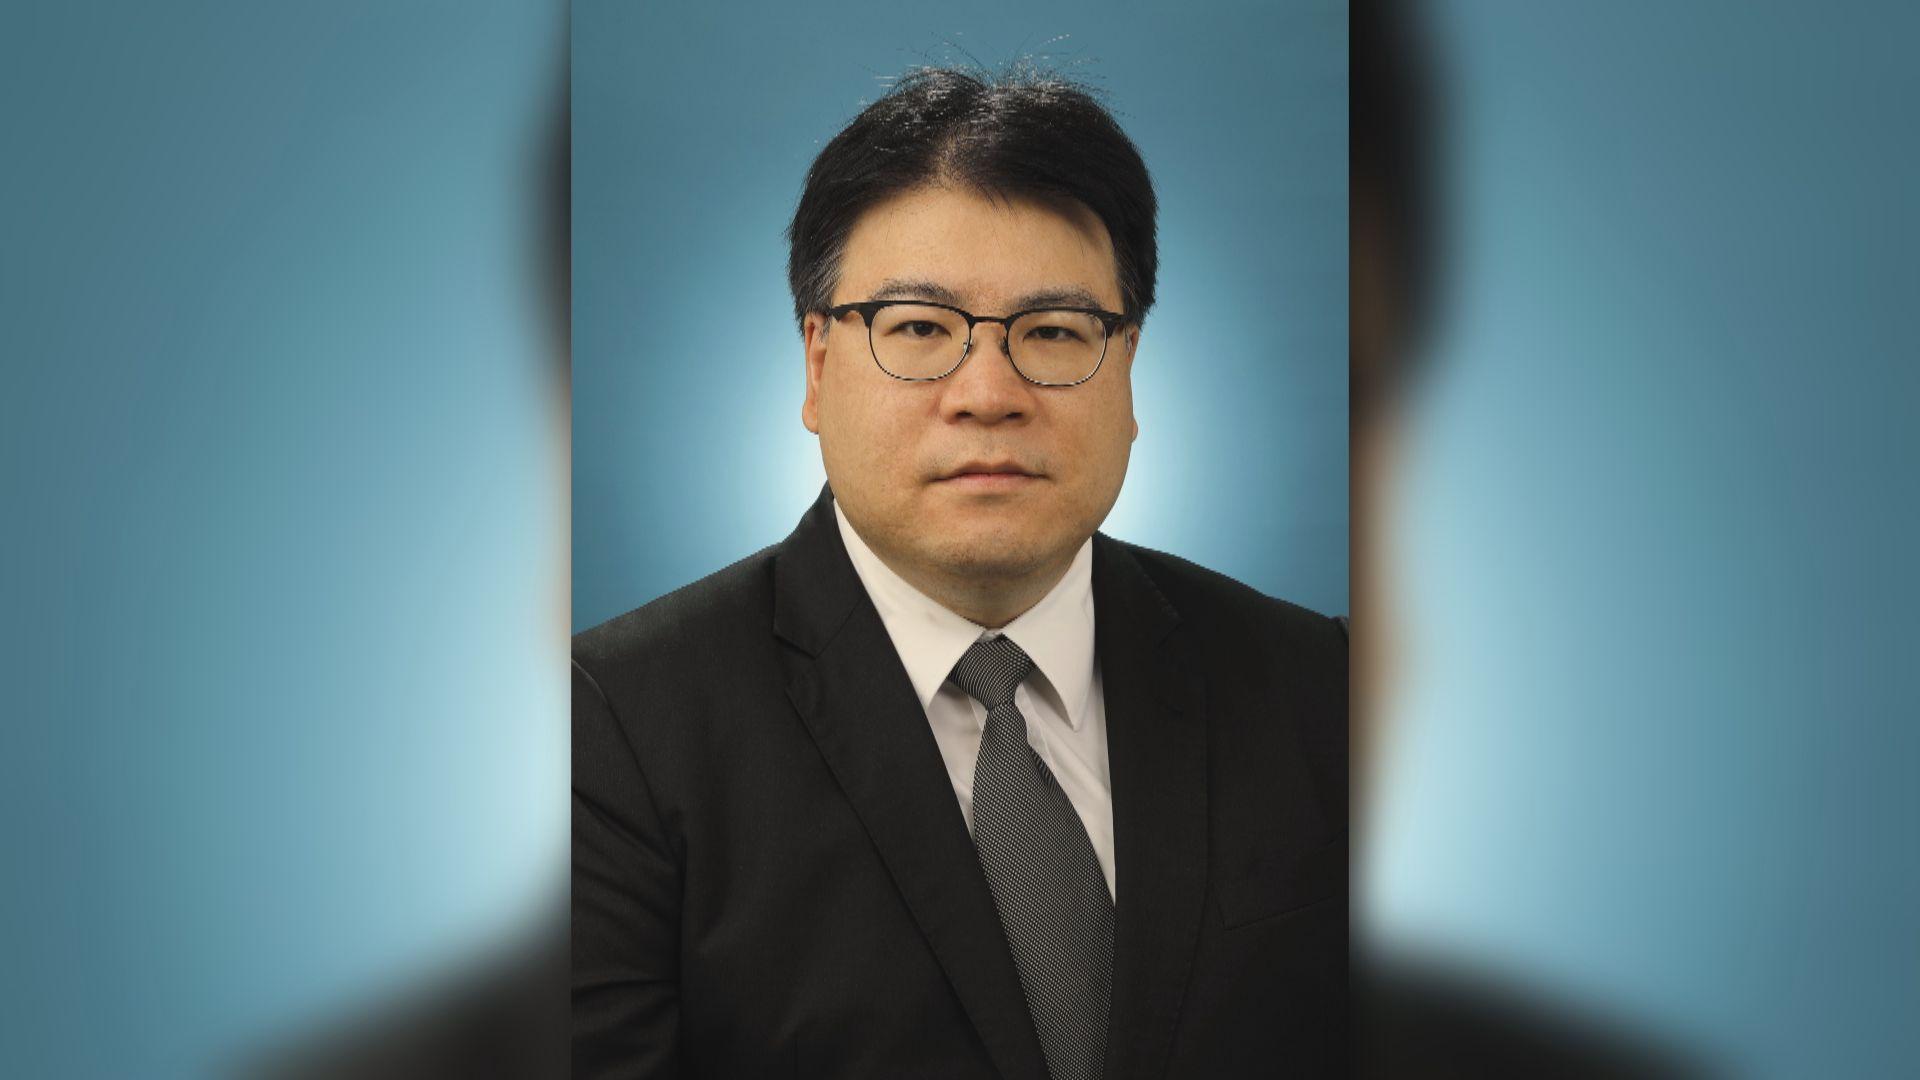 中西區民政事務專員由梁子琪接任